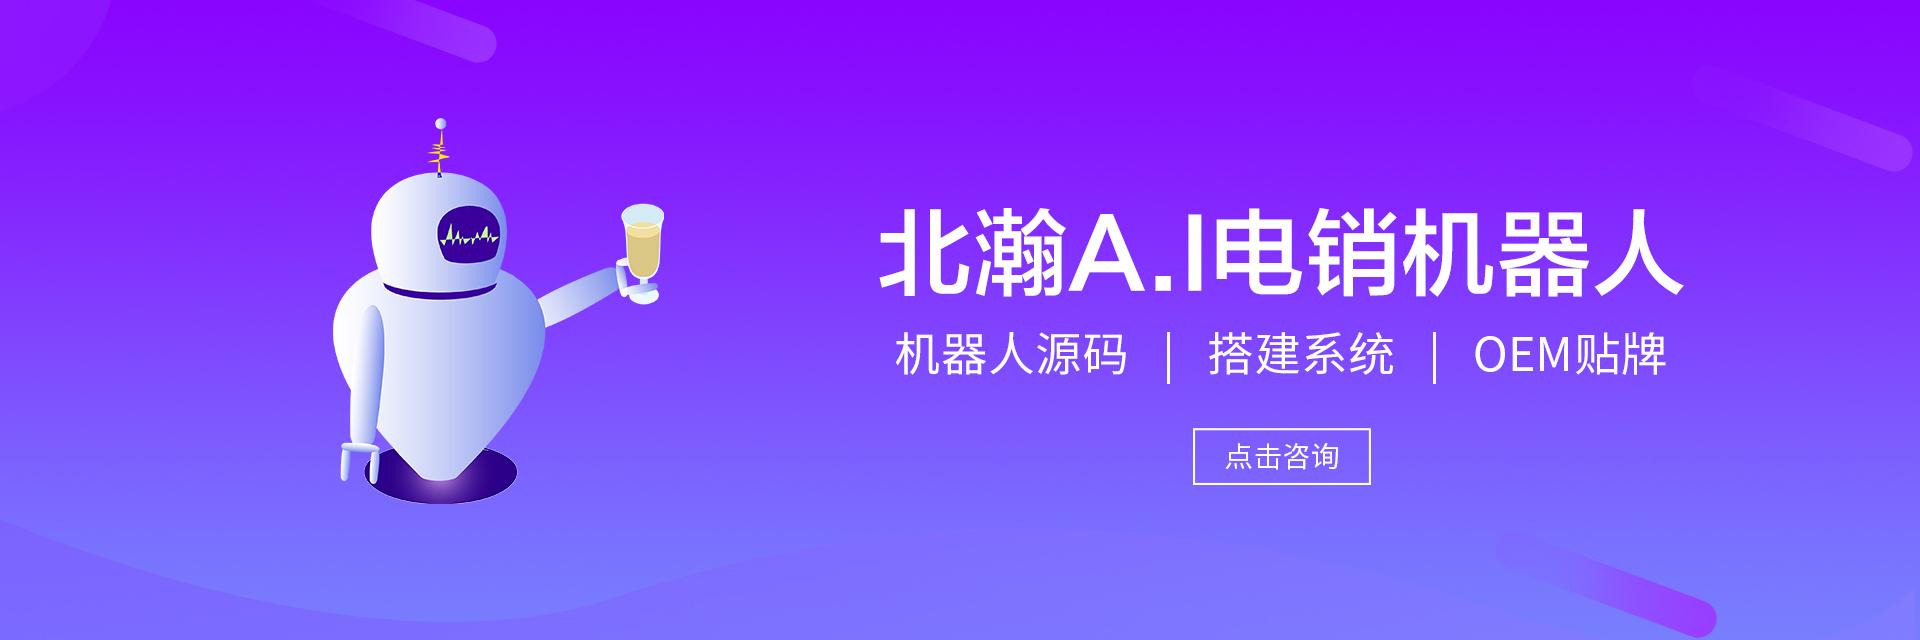 智能ballbet贝博足彩贝博官方下载,ballbet贝博app西甲科技,社区团购